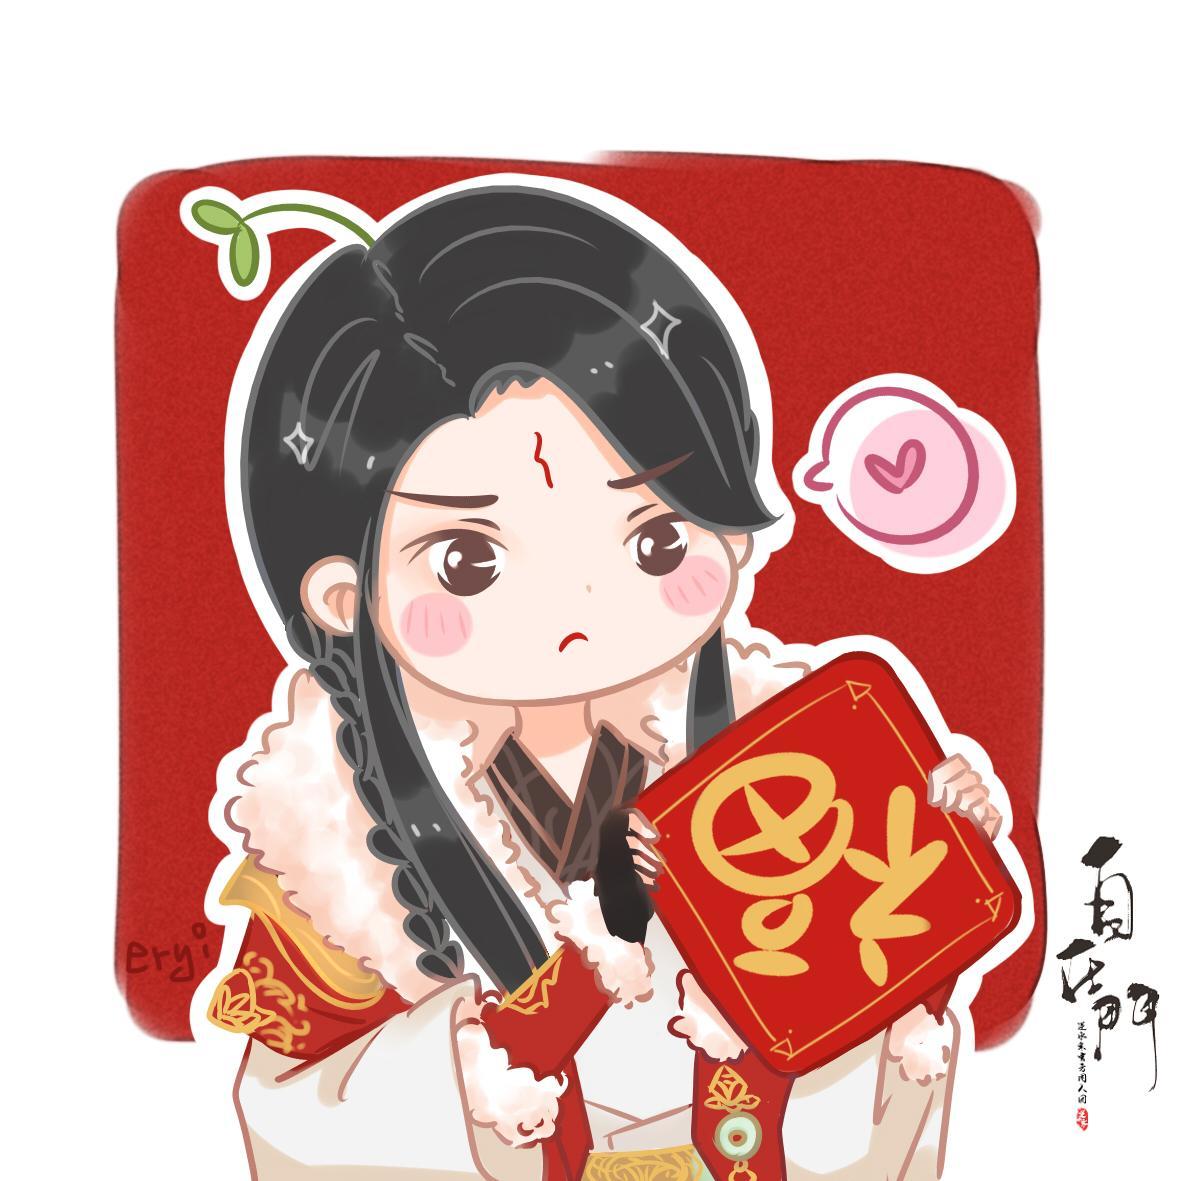 新春佳节·福到啦·吉祥丰碌【自在门】【手绘】